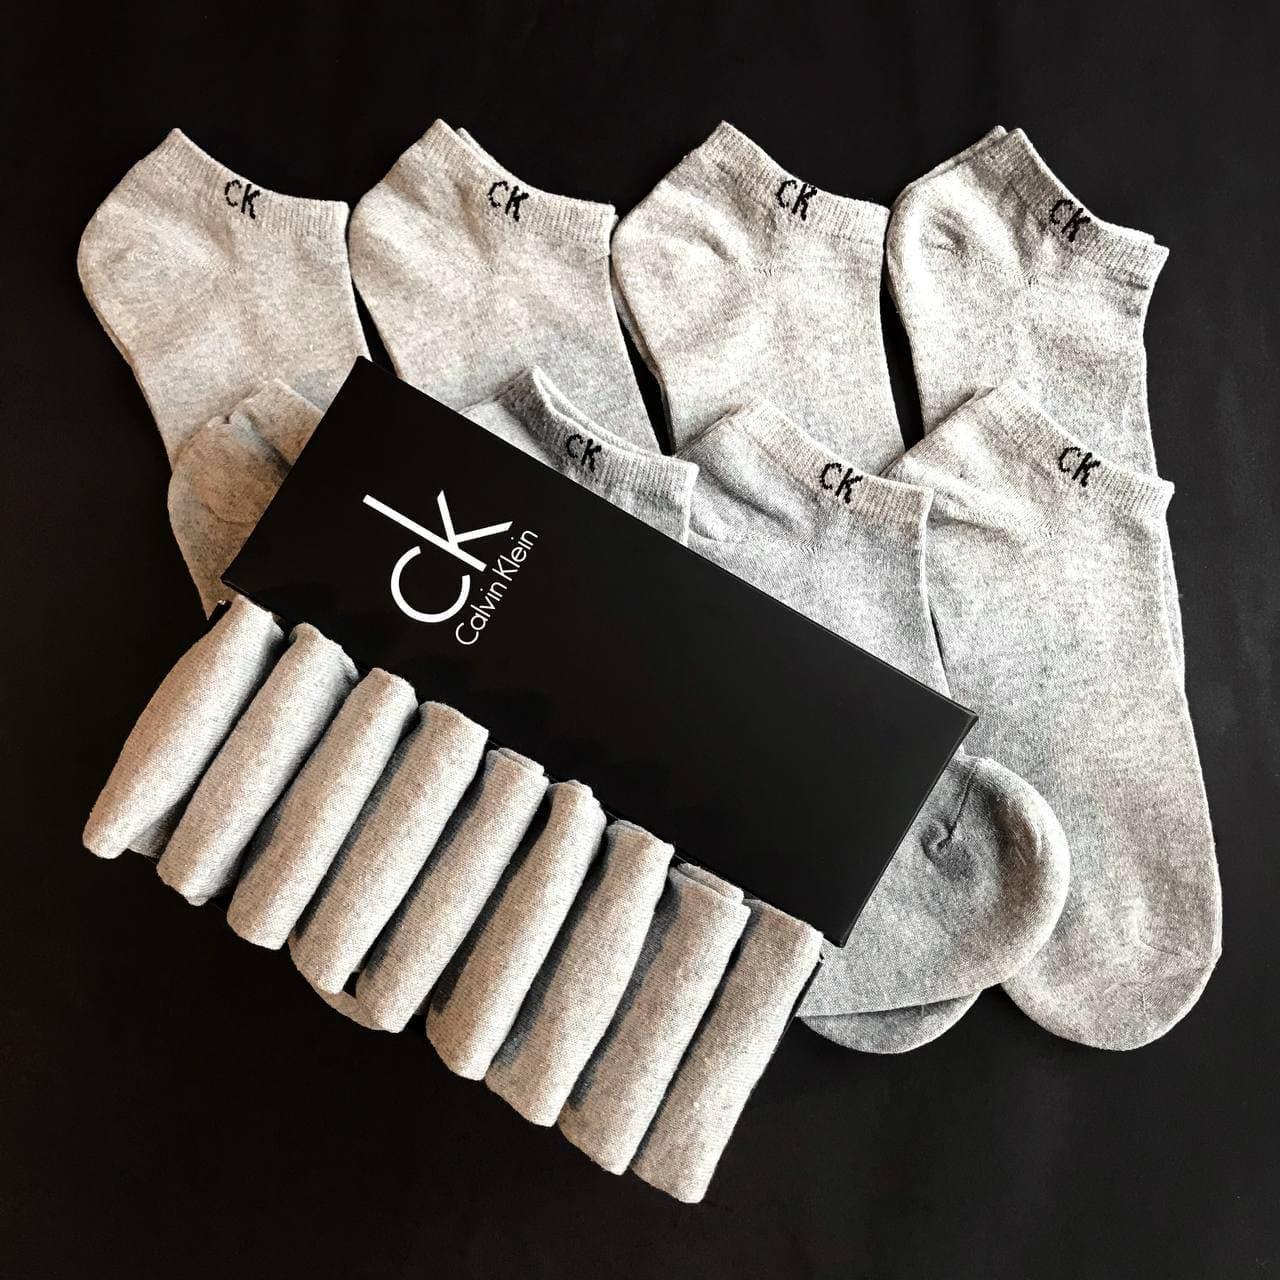 Набір коротких чоловічих шкарпеток Calvin Klein 9 пар сірих в подарунковій упаковці!